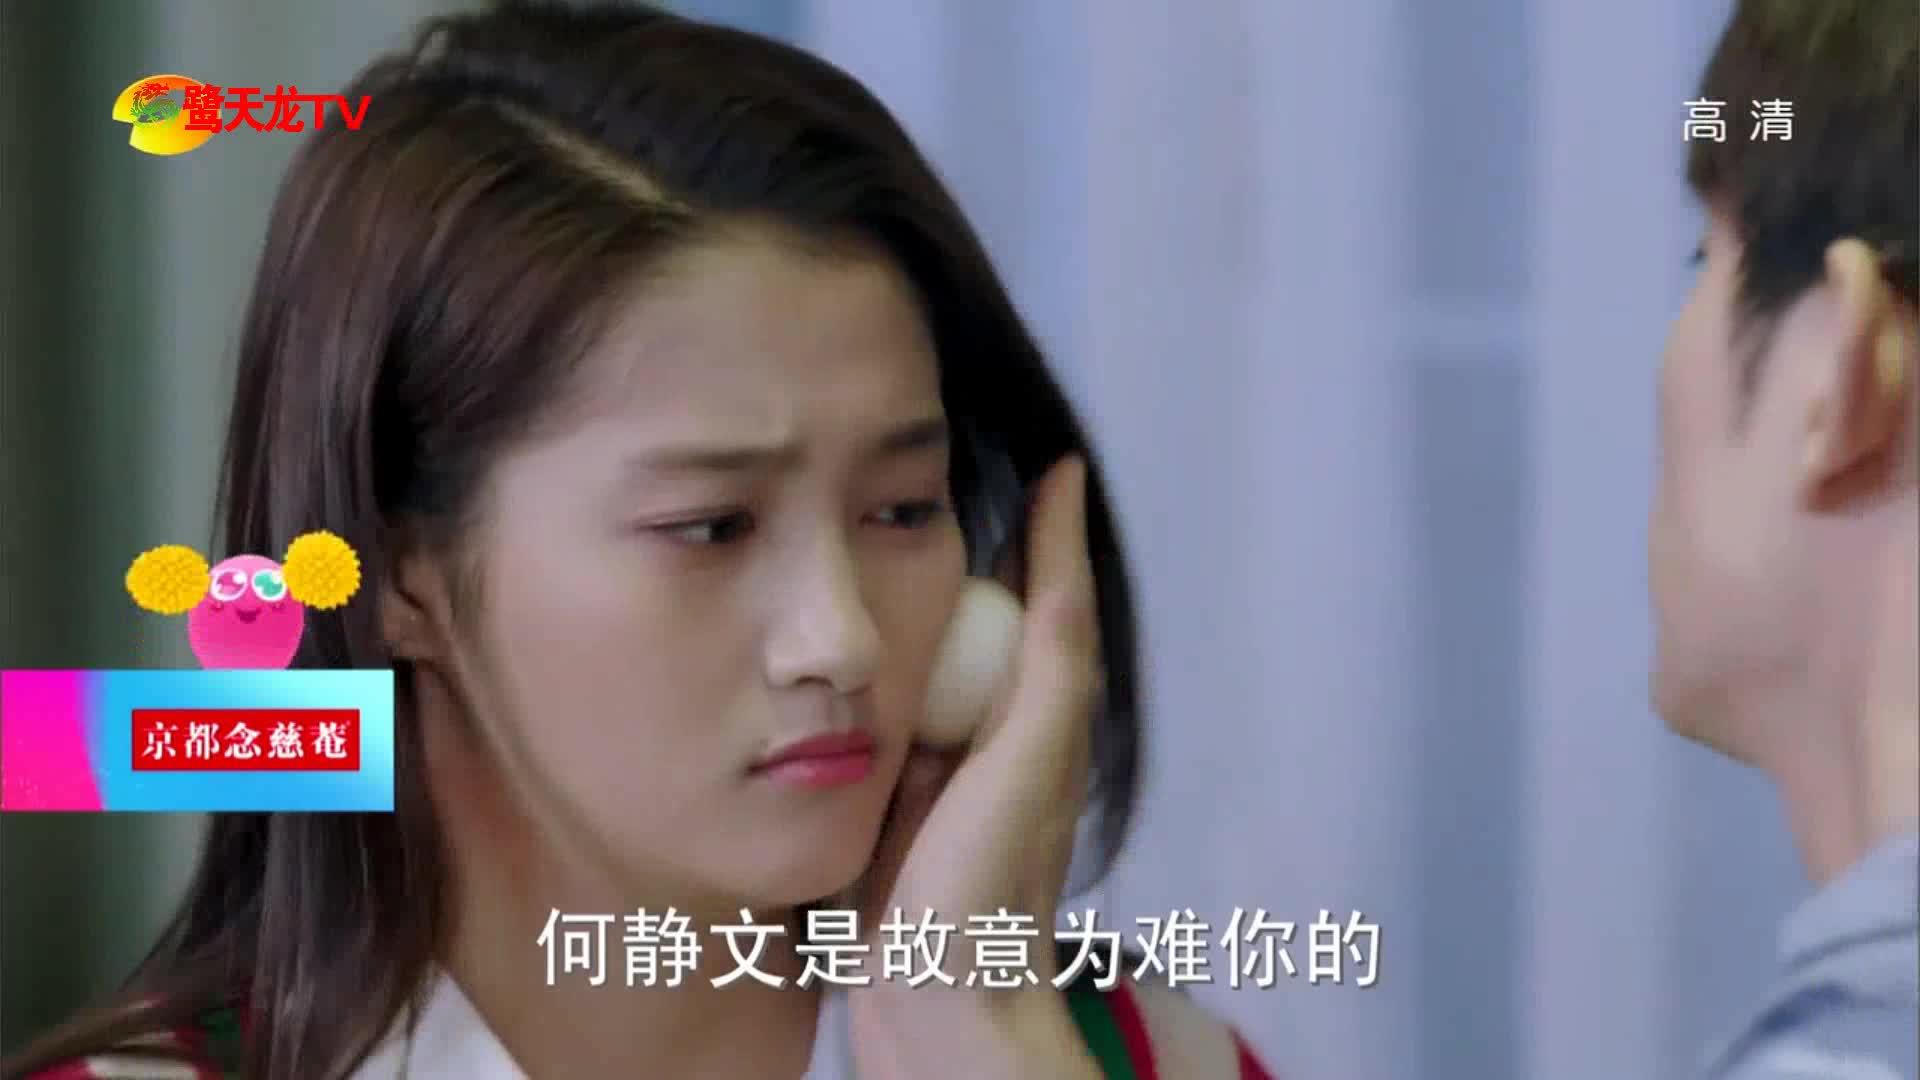 《极光之恋》有点害羞!韩星子偷吻李俊泰